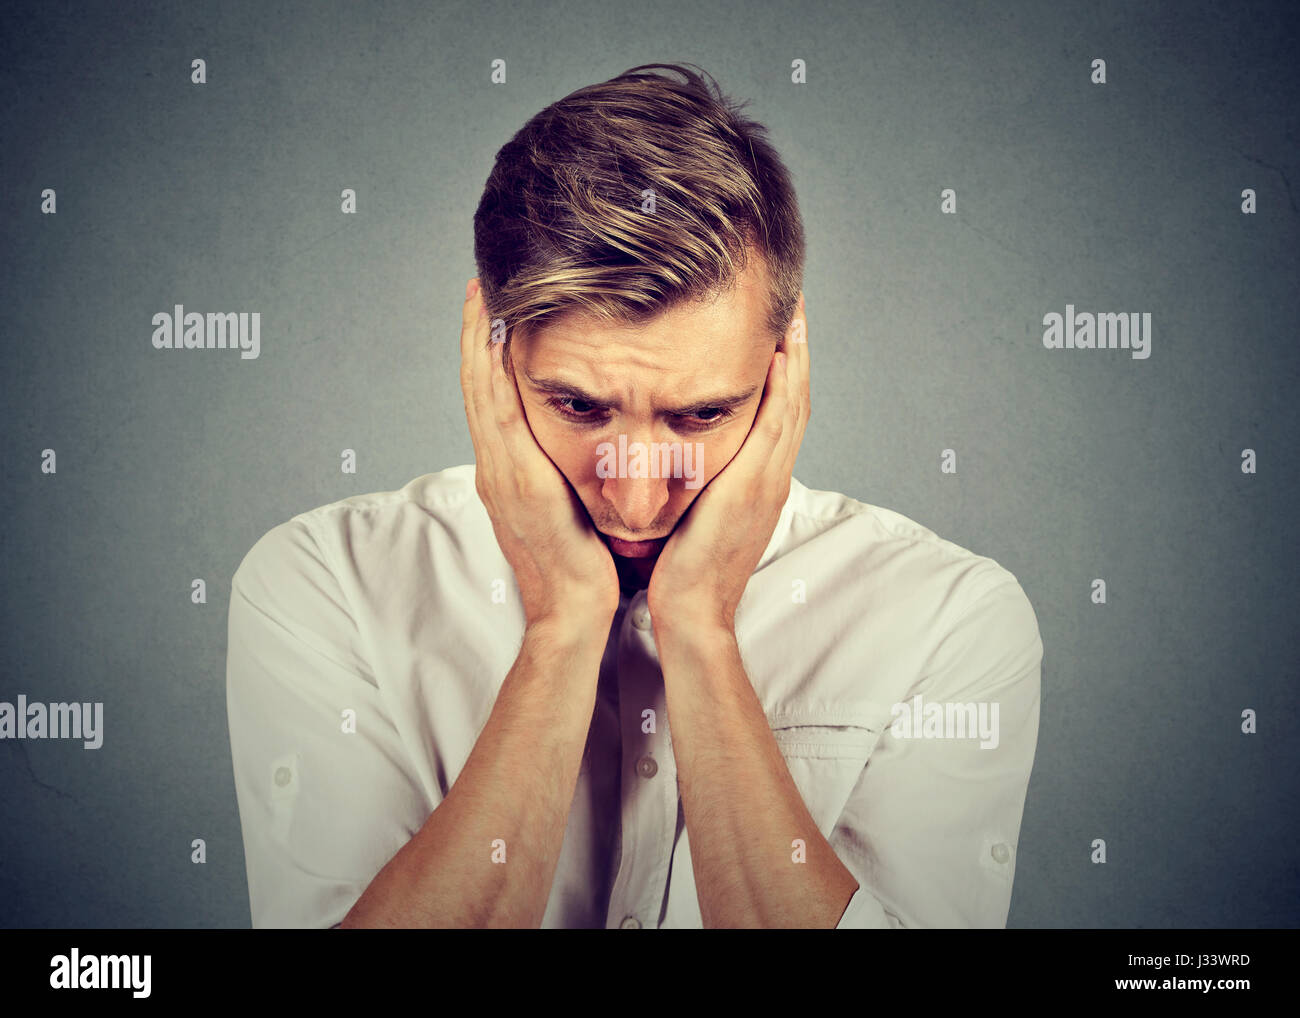 Closeup Portrait traurig schönen jungen Mann mit besorgt gestresster Gesichtsausdruck blickte Stockbild